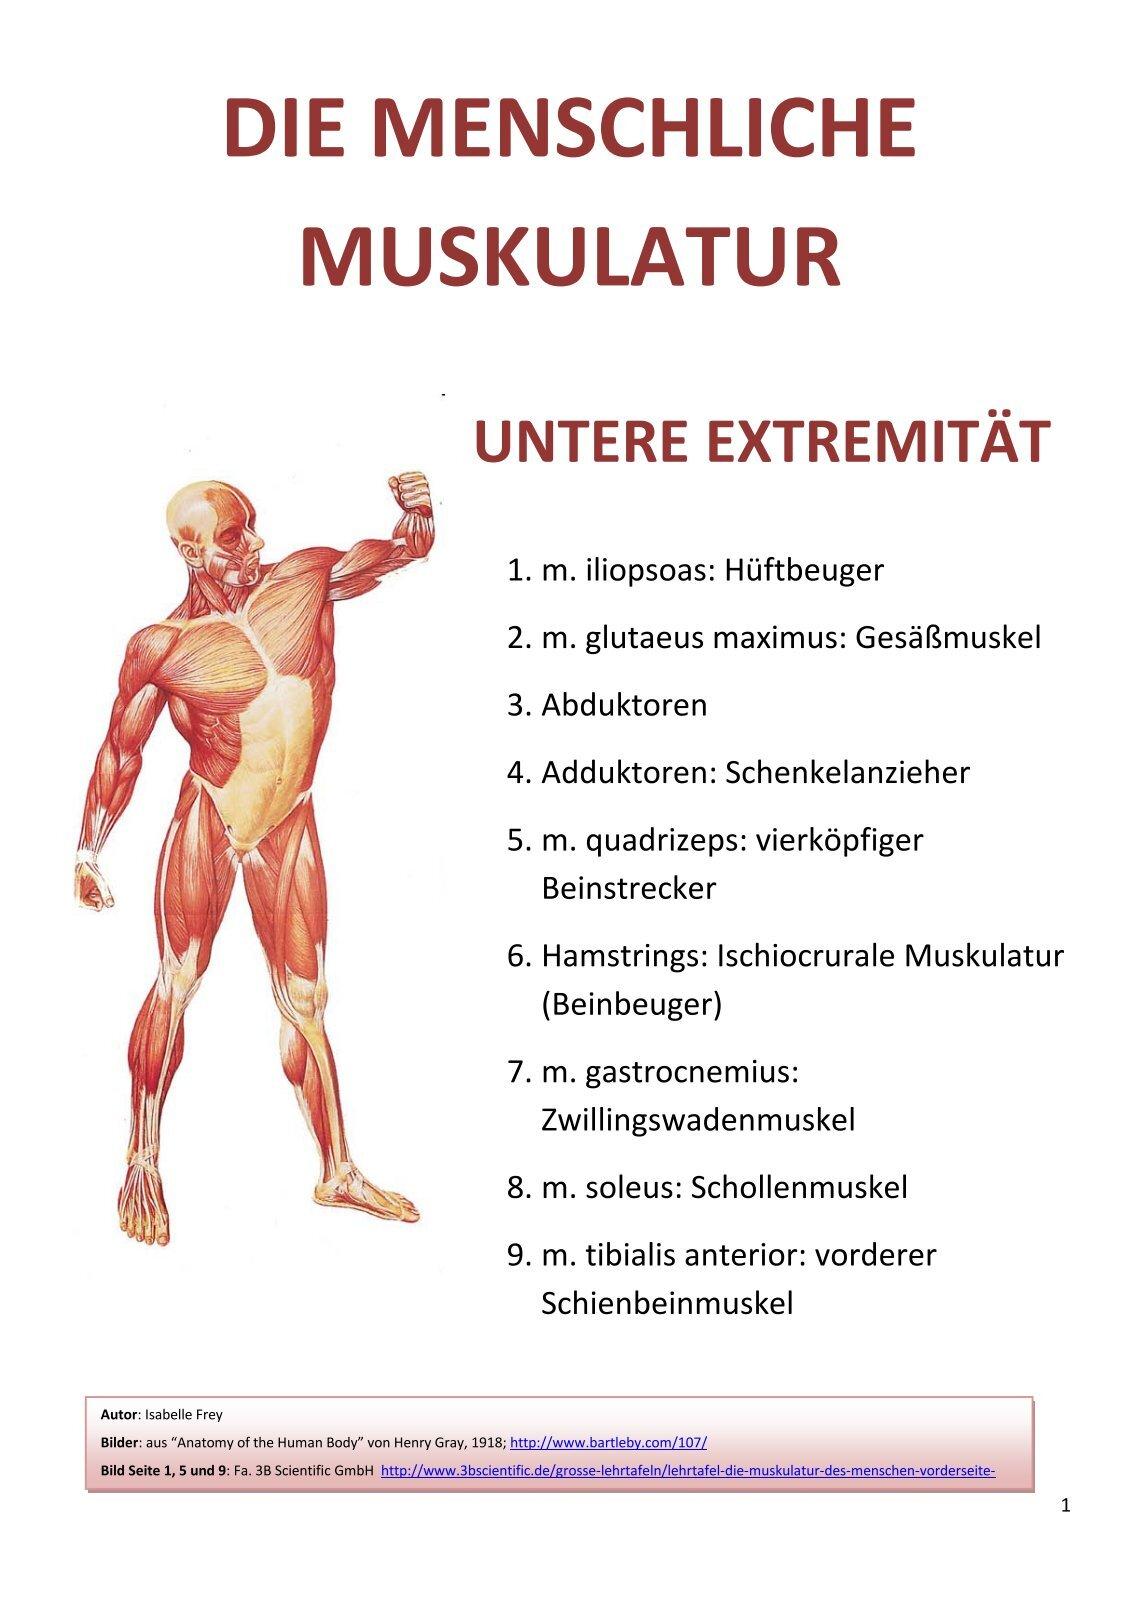 Schön Die Muskulatur Galerie - Anatomie Und Physiologie Knochen ...